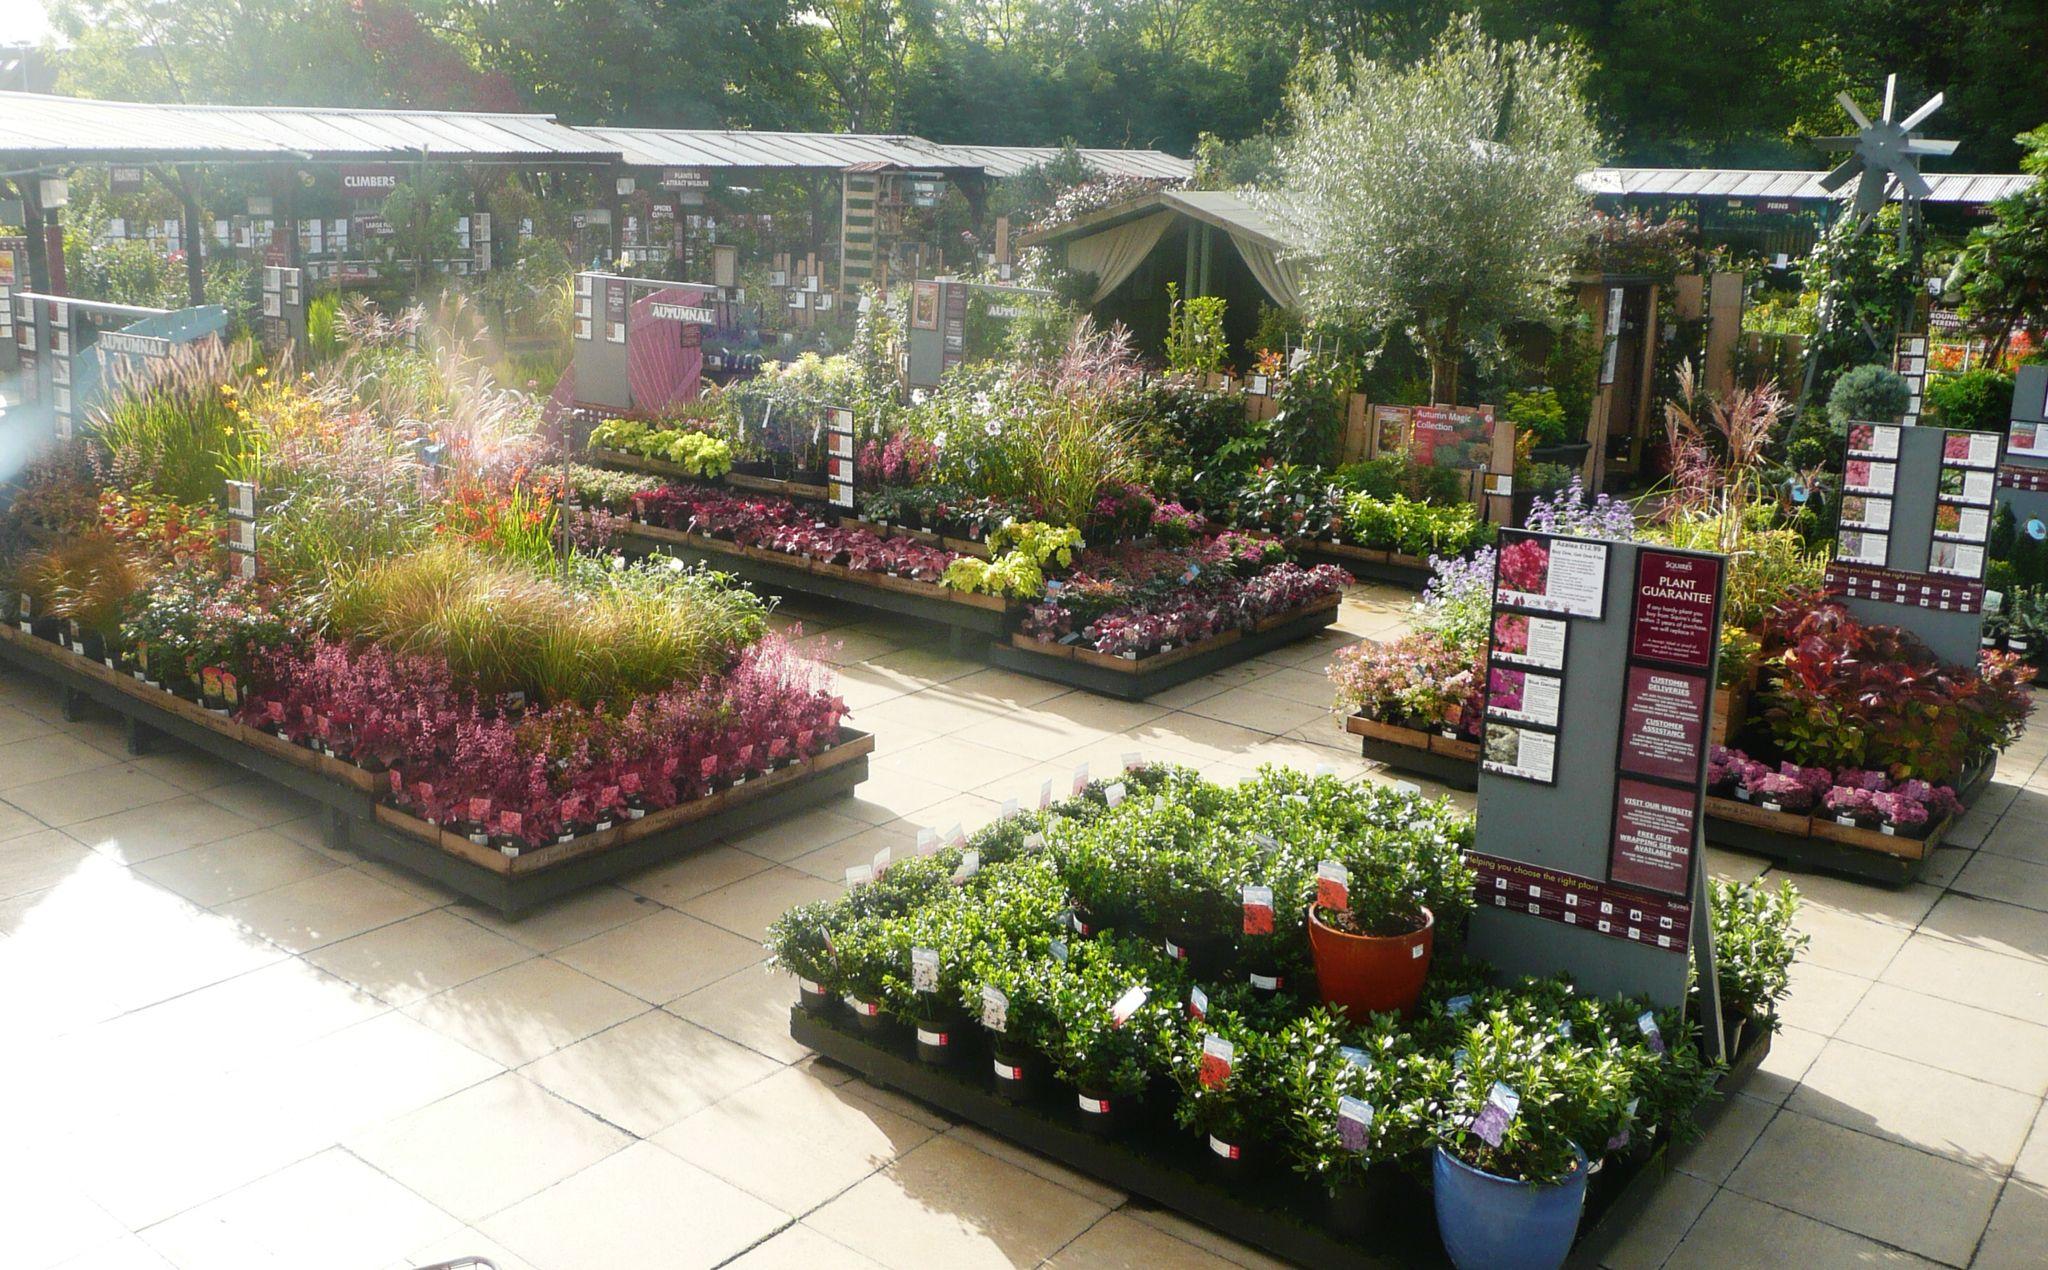 Rhododendrons Herbaceous Perennials Shrubs Squires Garden Centre Twickenham Garden Center Displays Garden Center Flower Nursery